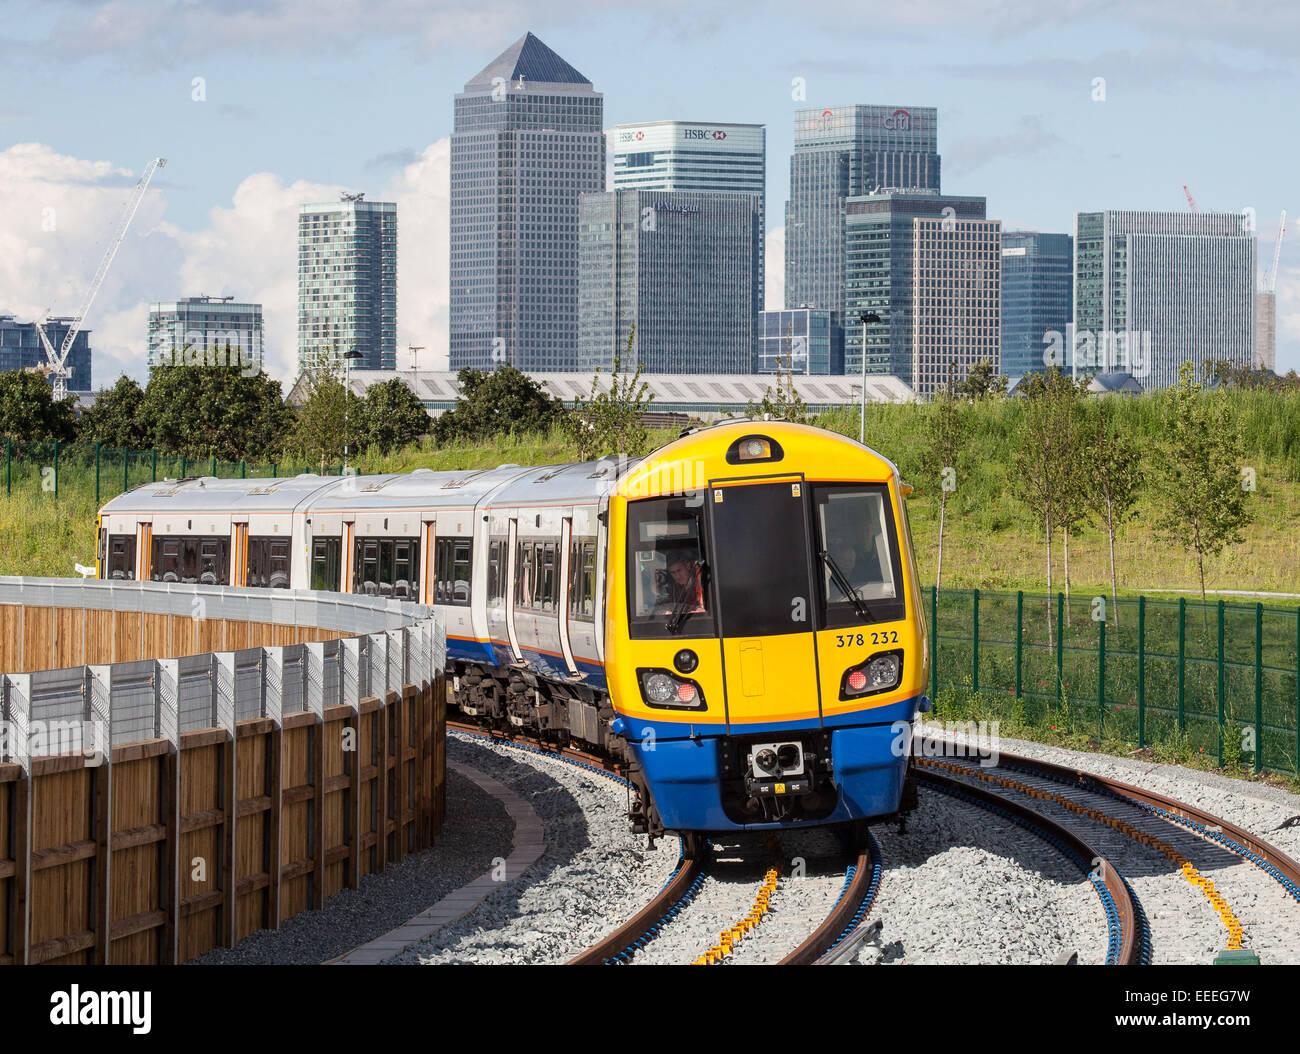 London Overground - ELLP Phase 2: der erste Test auf der Strecke trainieren Stockbild